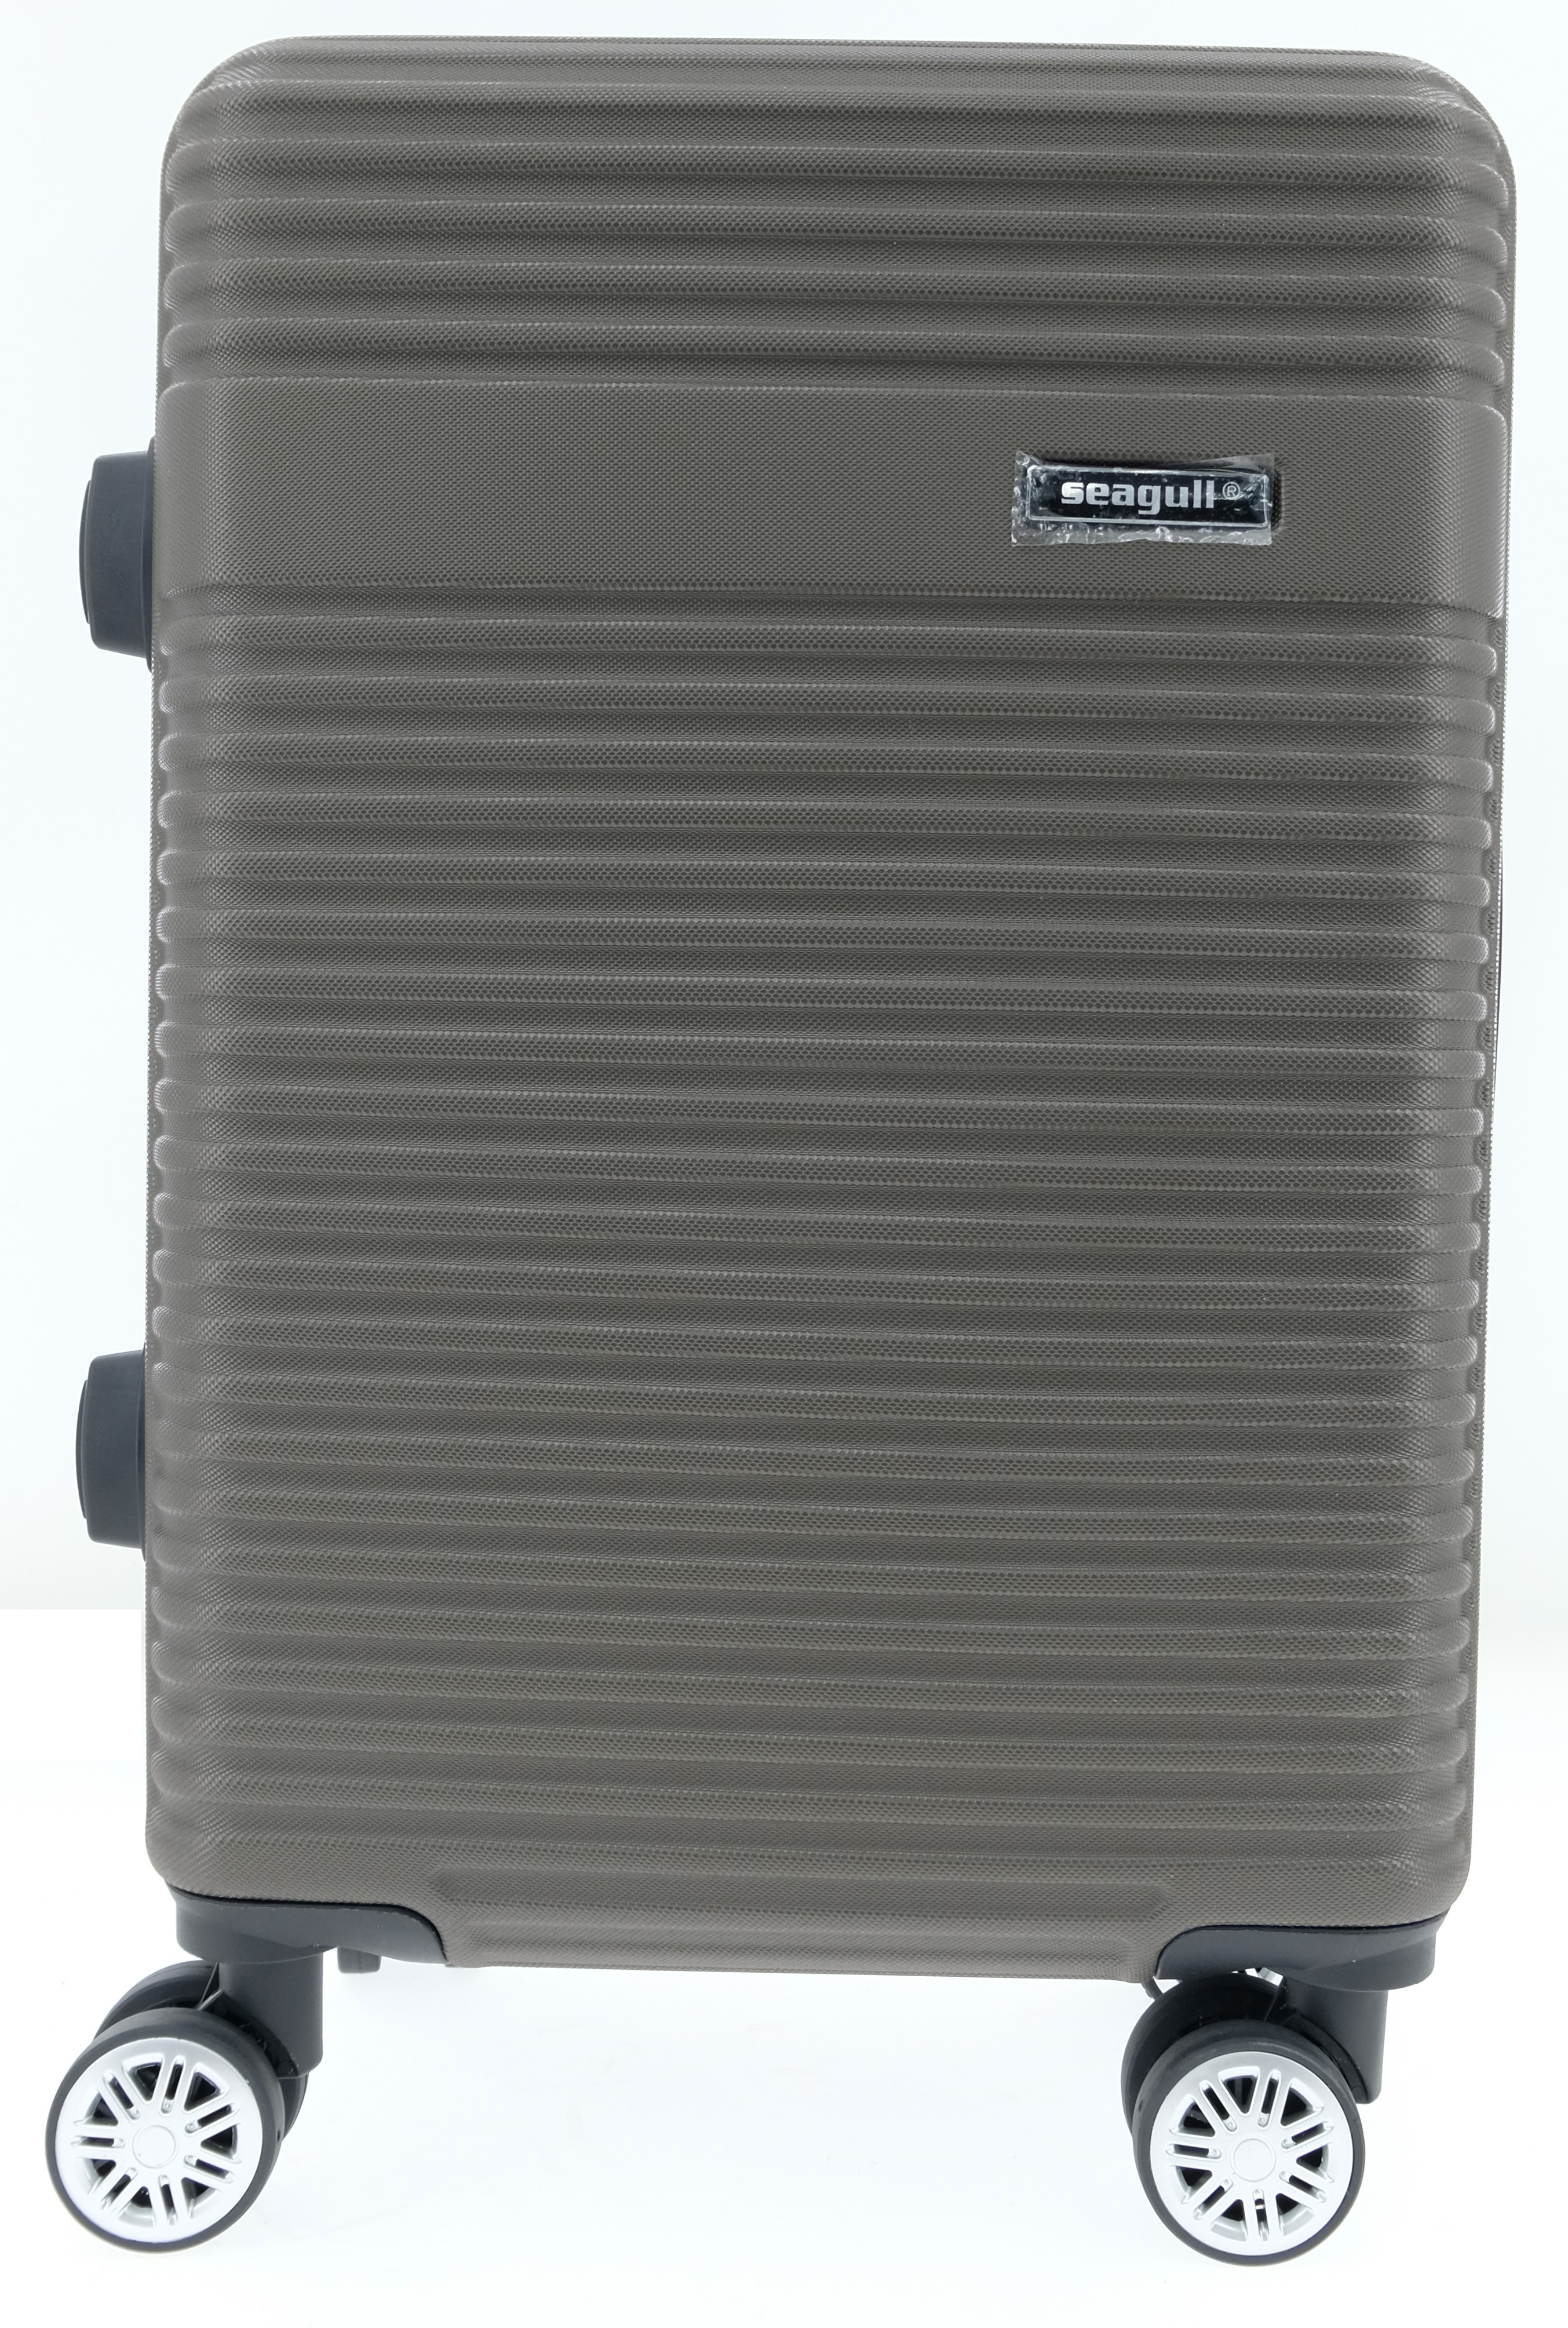 Βαλίτσα Καμπίνας με 4 Ροδες 55cm Seagull SG170-51 Καφέ